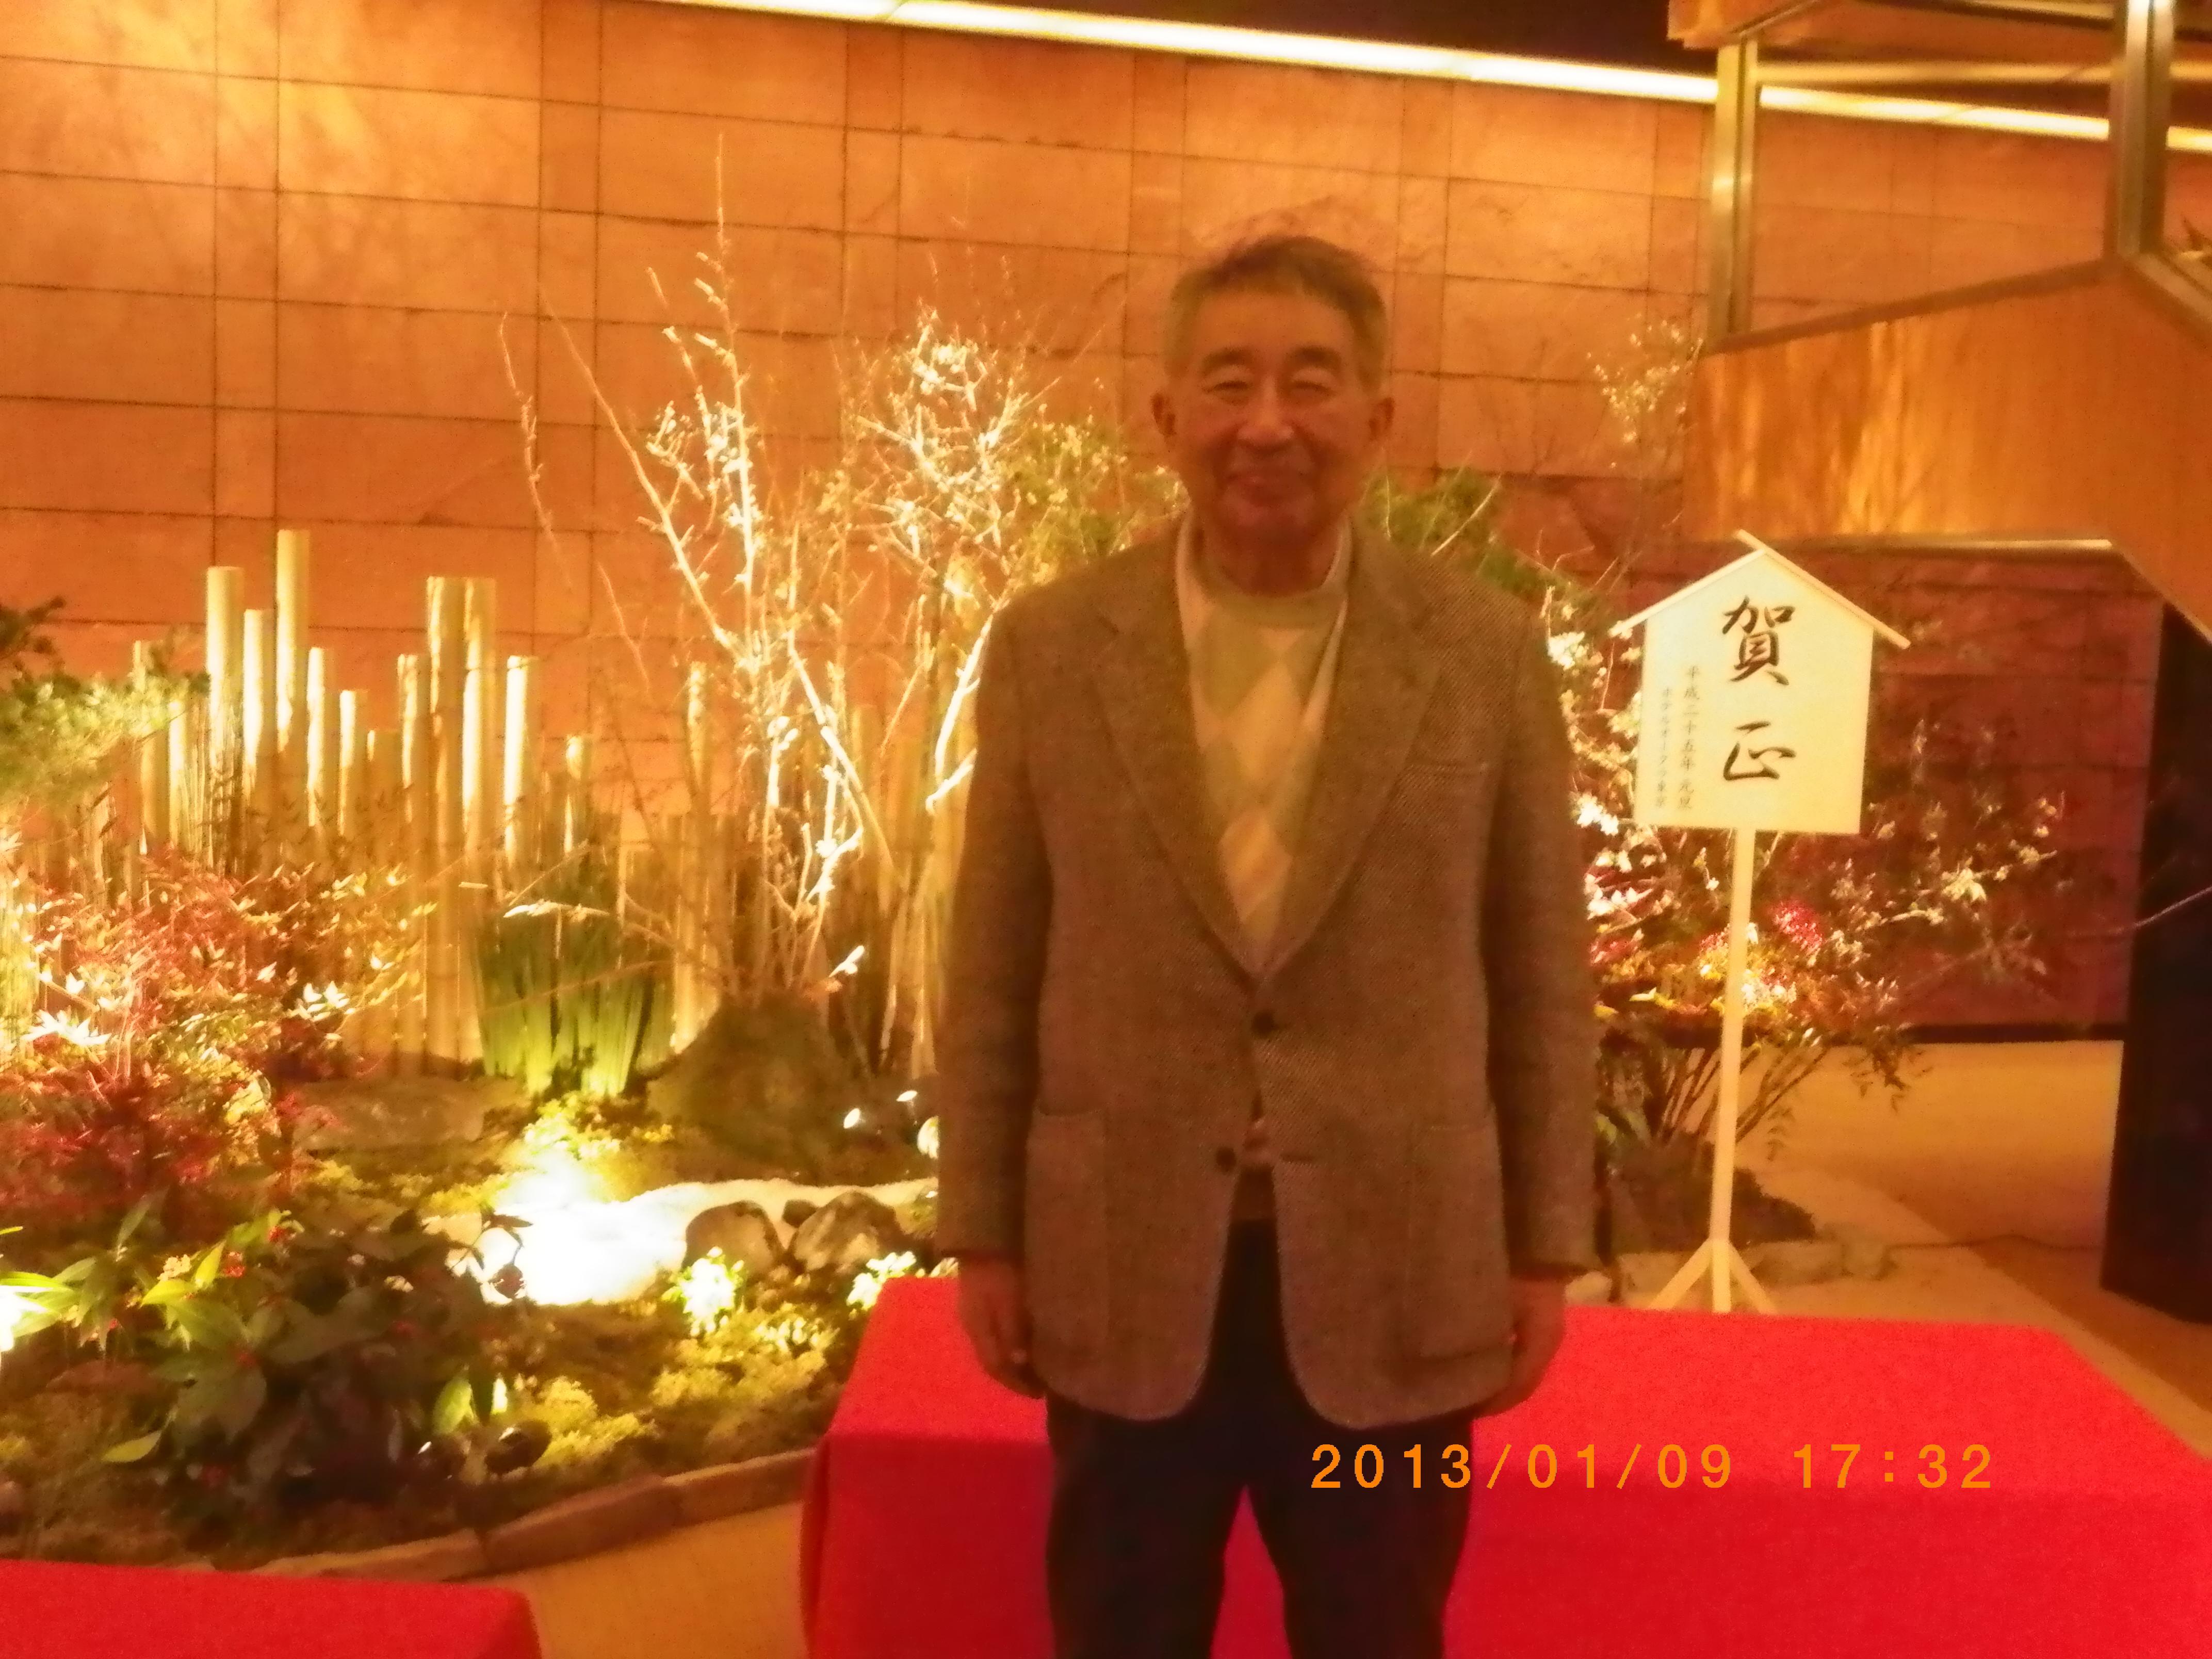 http://www.law-pro.jp/weblog/20130110.JPG